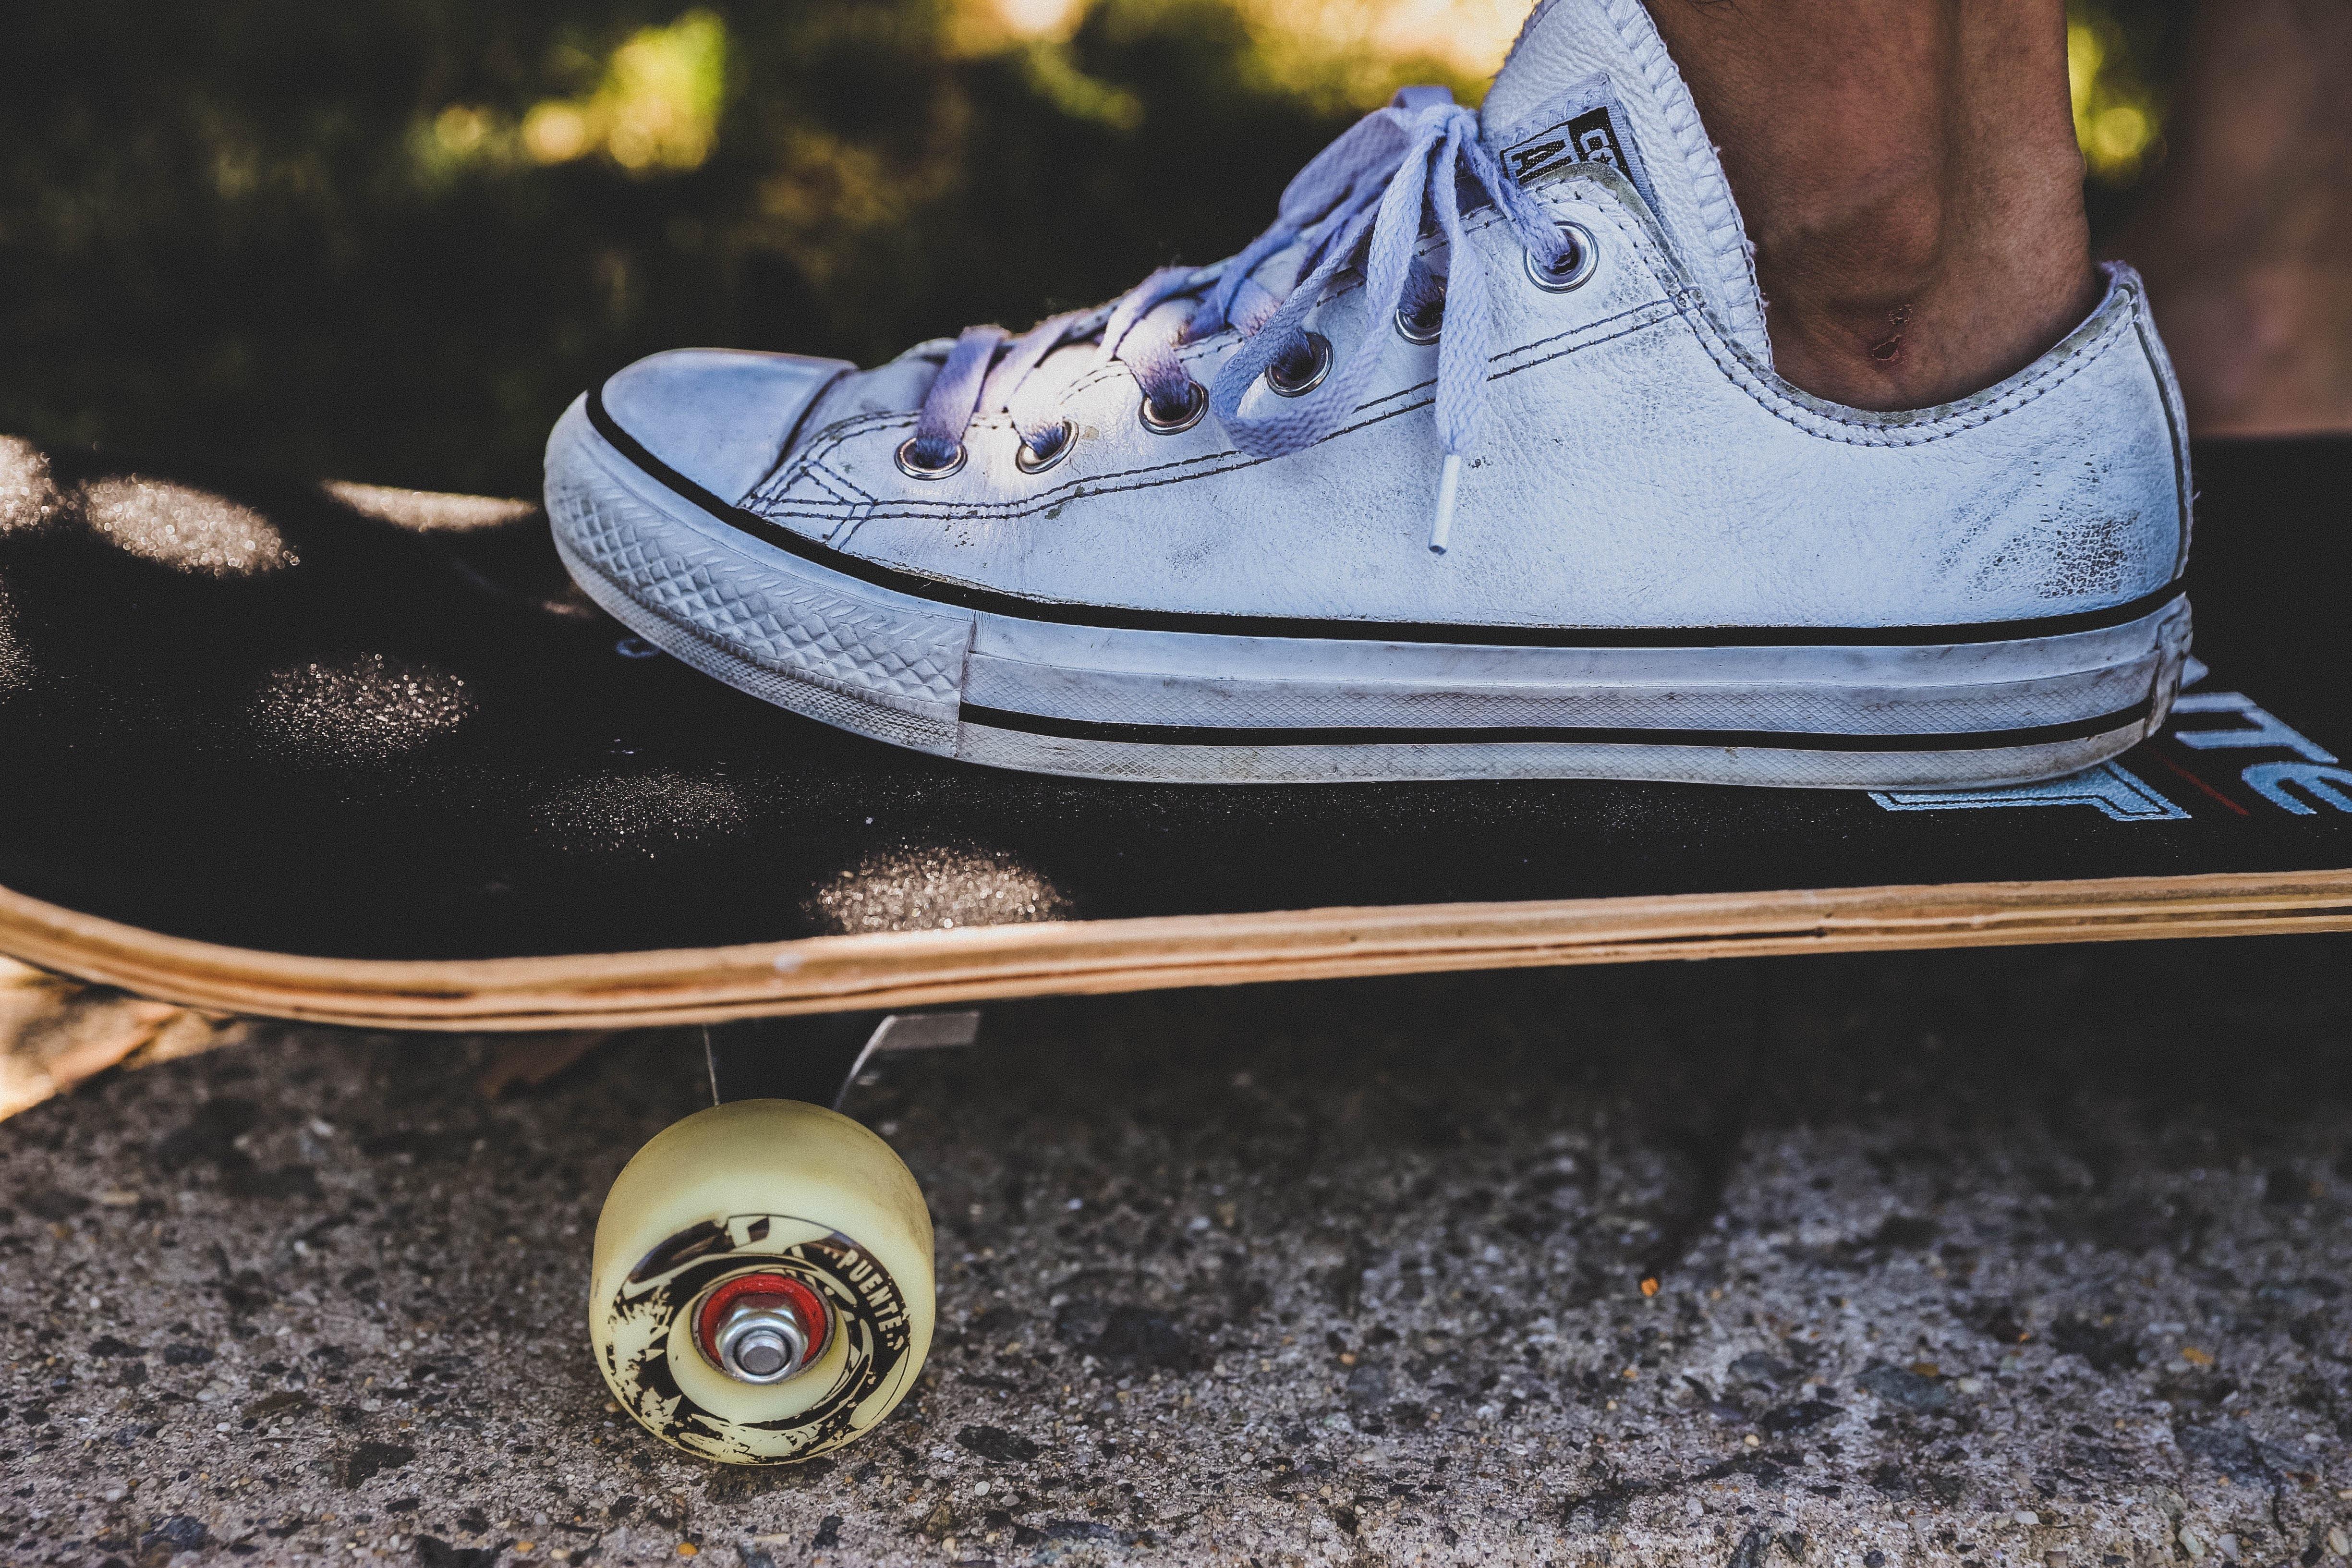 Handy-Wallpaper Sport, Rad, Schuhe, Schuhwerk, Skateboard, Schlittschuh, Skate, Bein kostenlos herunterladen.